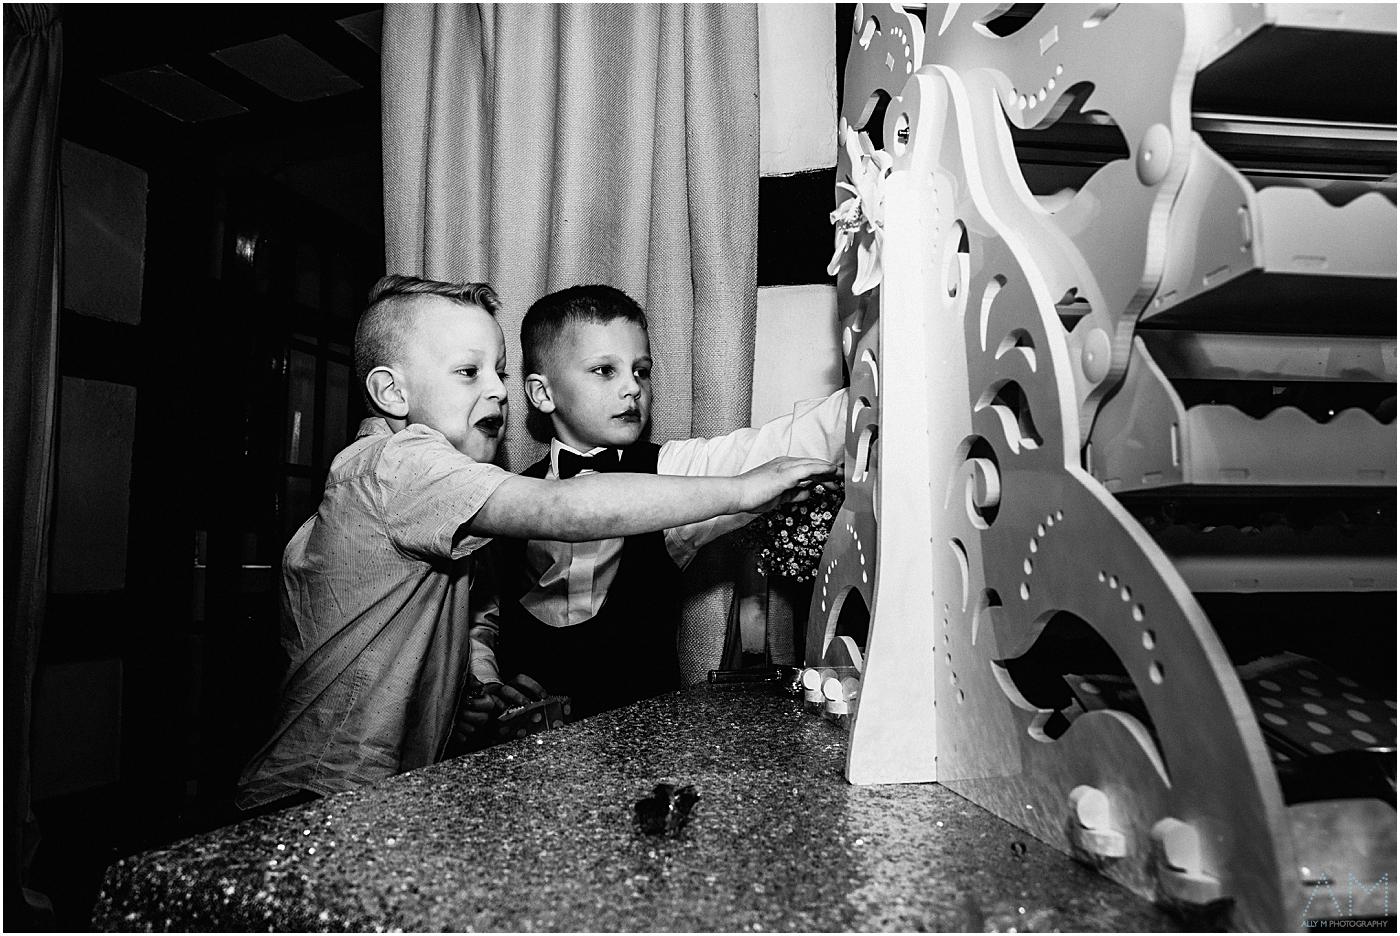 kids pinching sweets